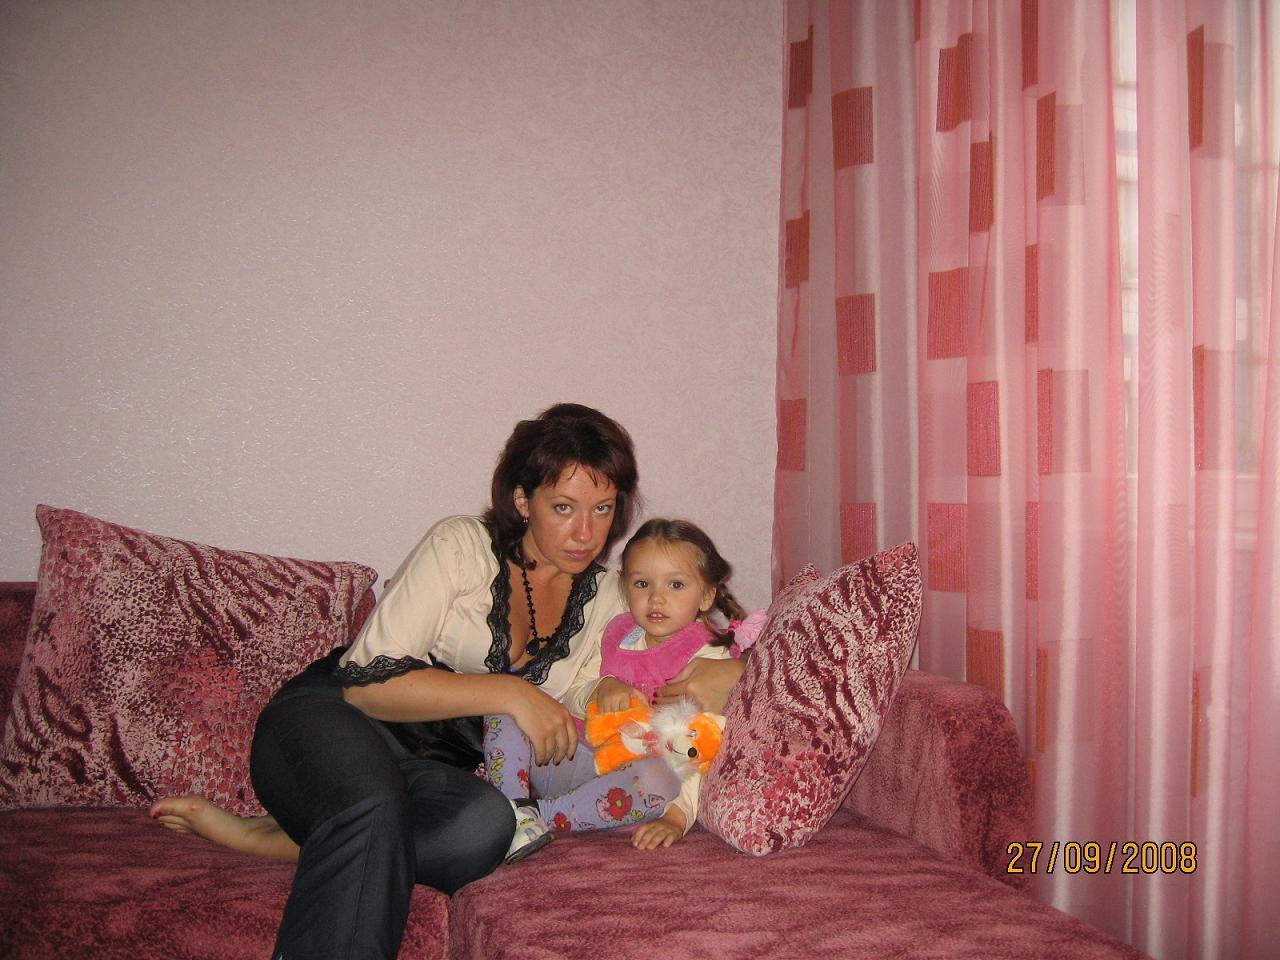 я и моя любимая дочь!!!). Вместе с мамой